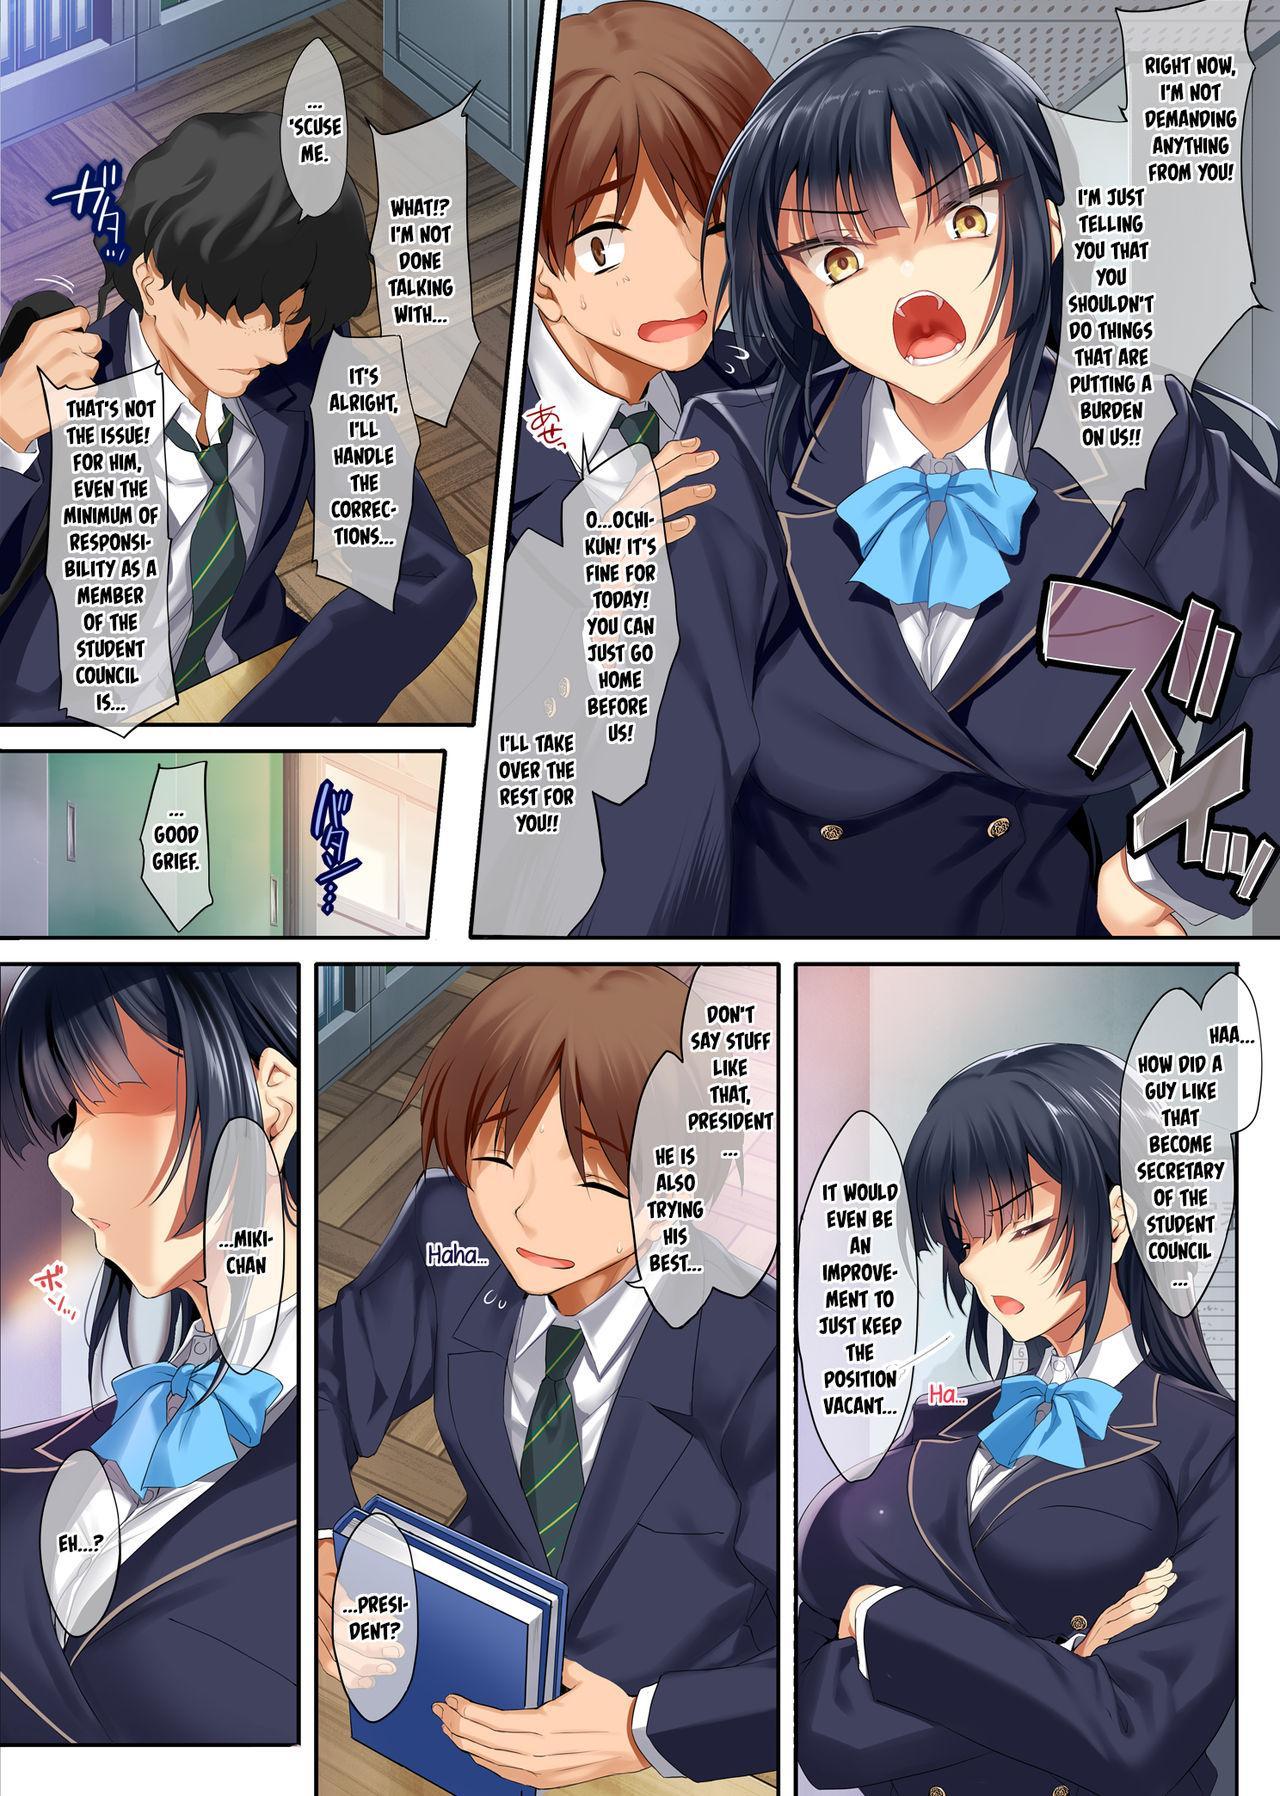 Takabisha na Seitokaichou o Appli de Juujun Choukyou 3